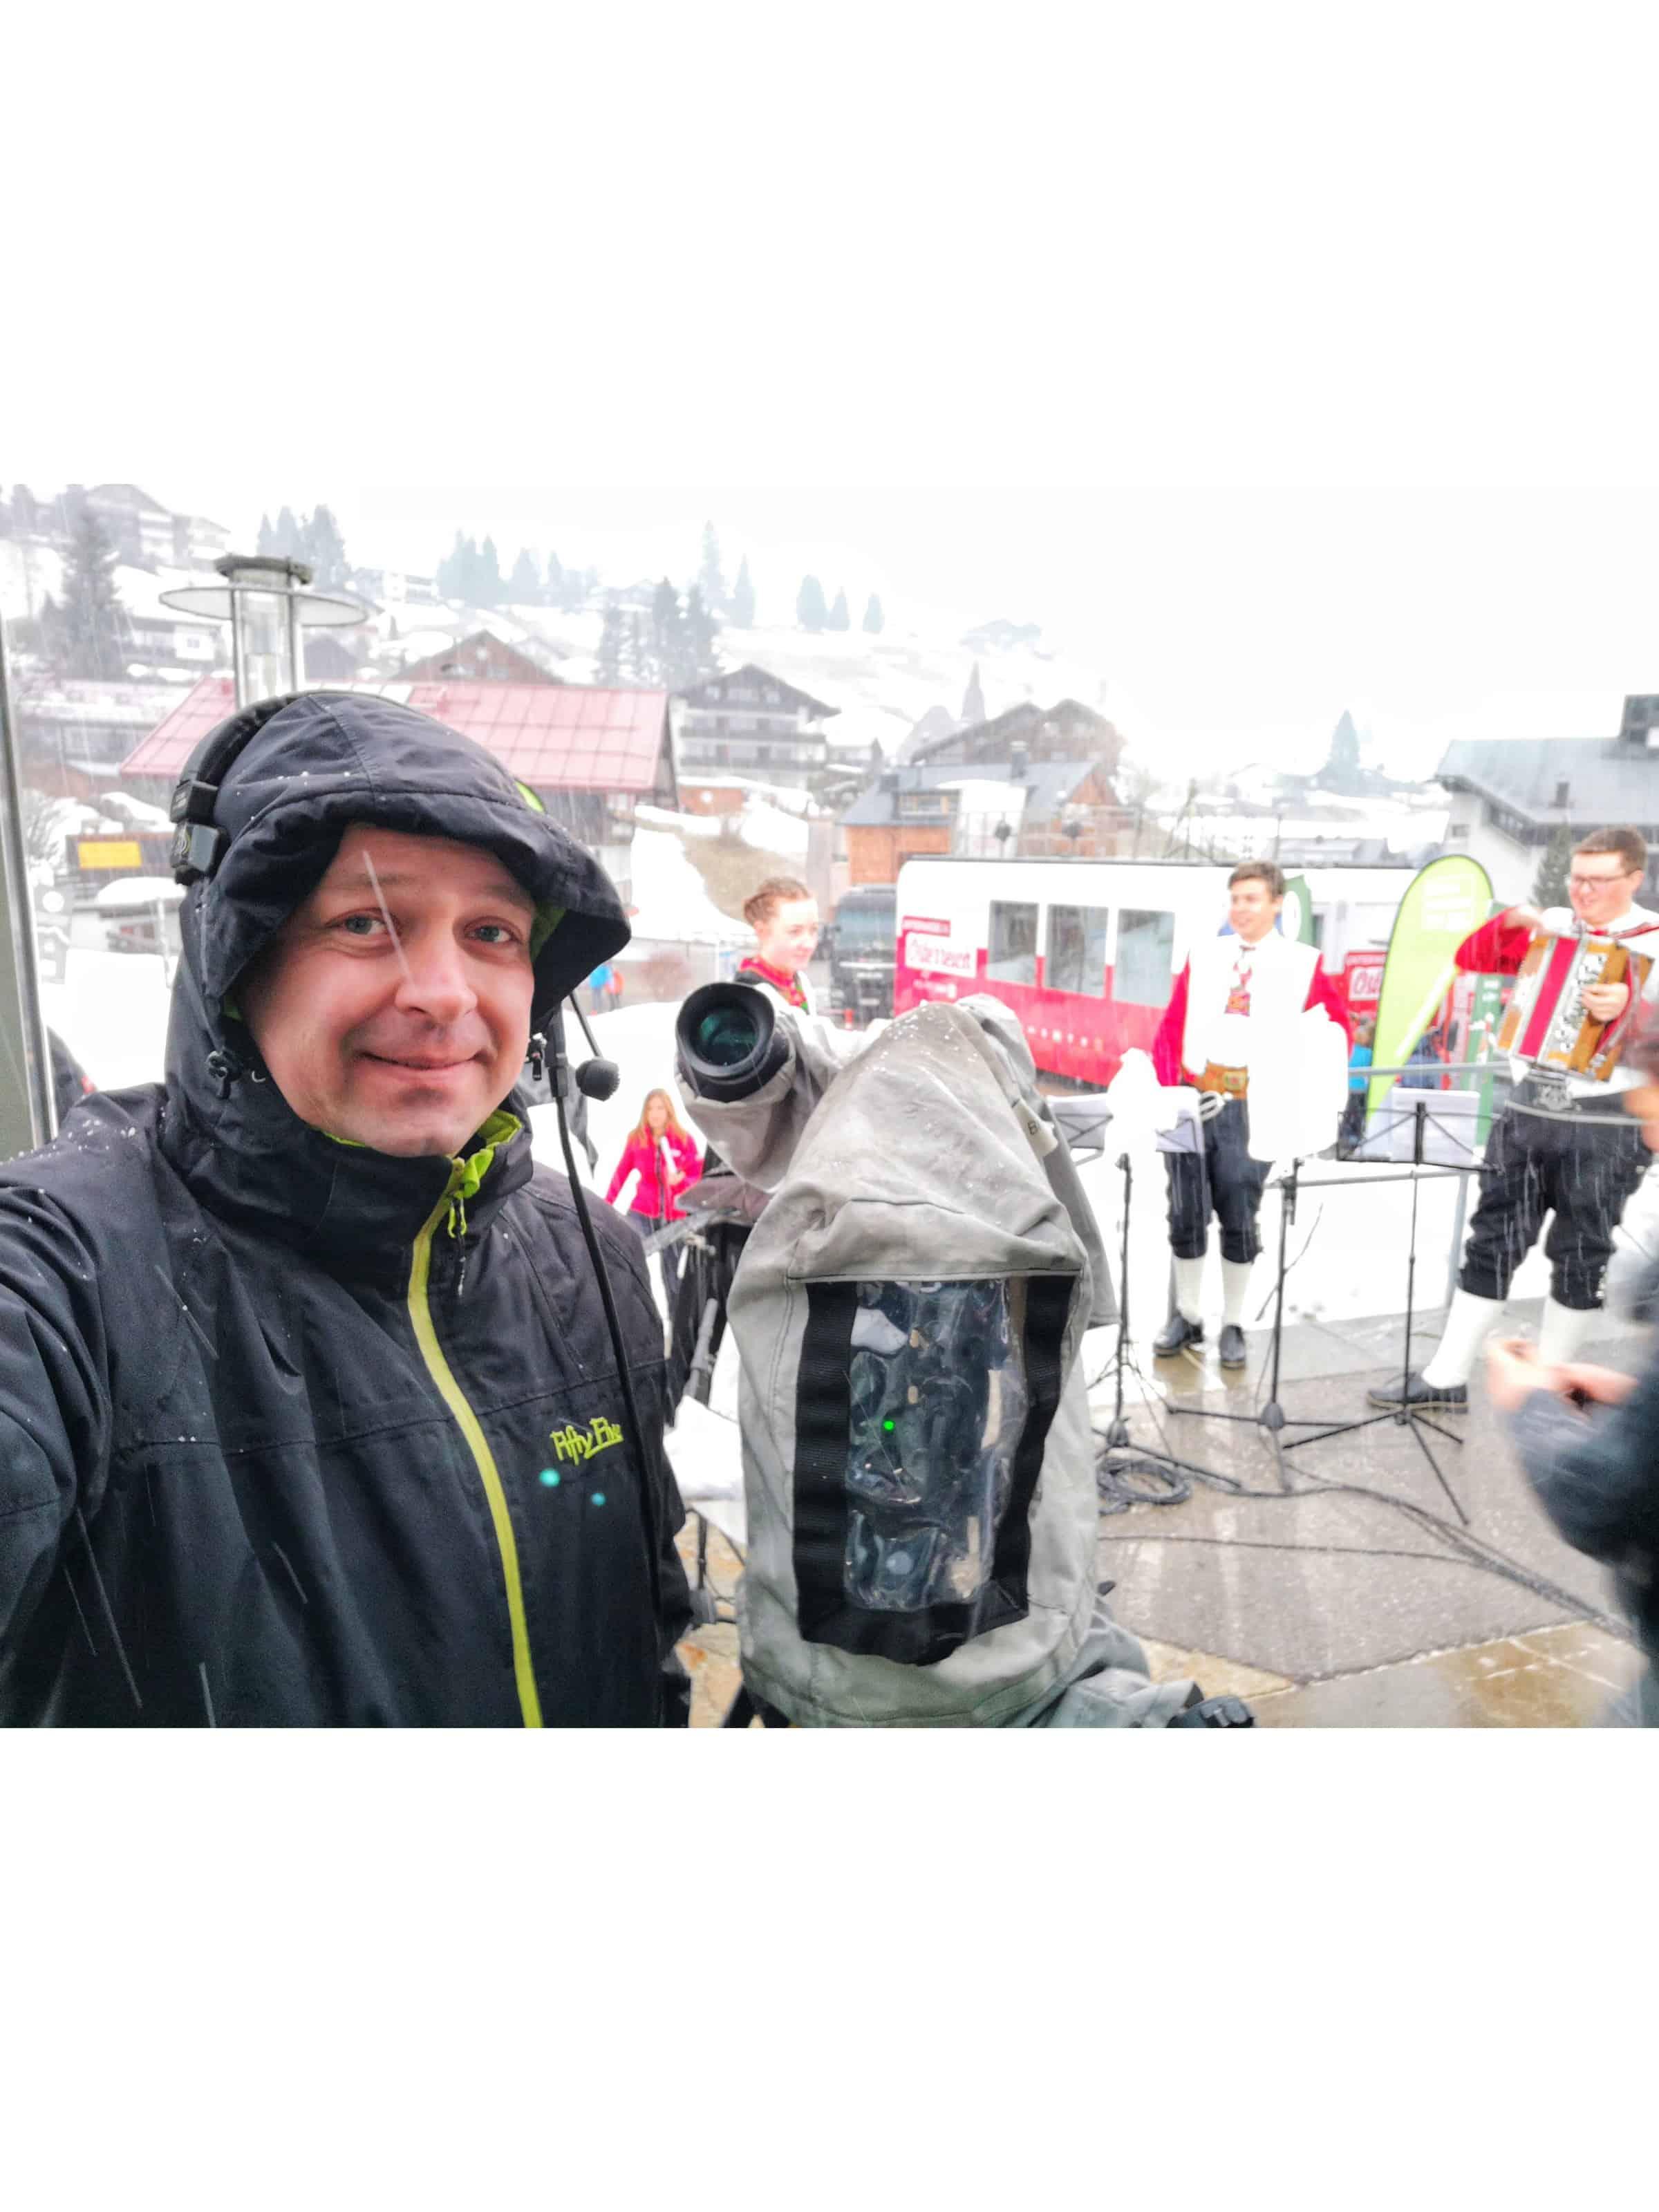 andreas felder kameramann ORF Guten Morgen Österreich ORF Daheim in Österreich 22 26.03.2018 08 51 25 - ORF Unterwegs in Österreich